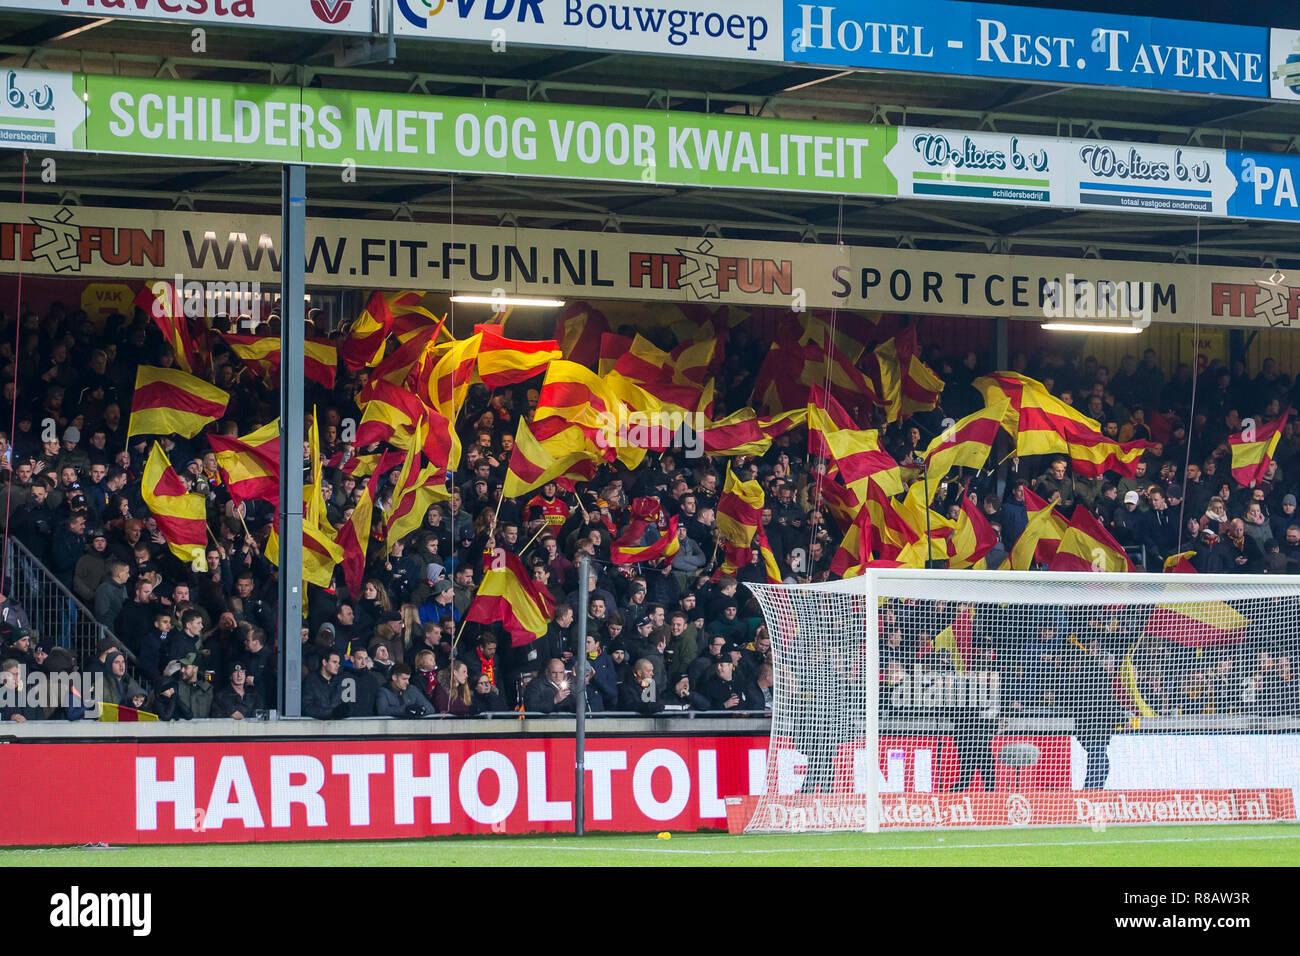 Deventer stadium de adelaarshorst 14 12 2018 season 2018 2019